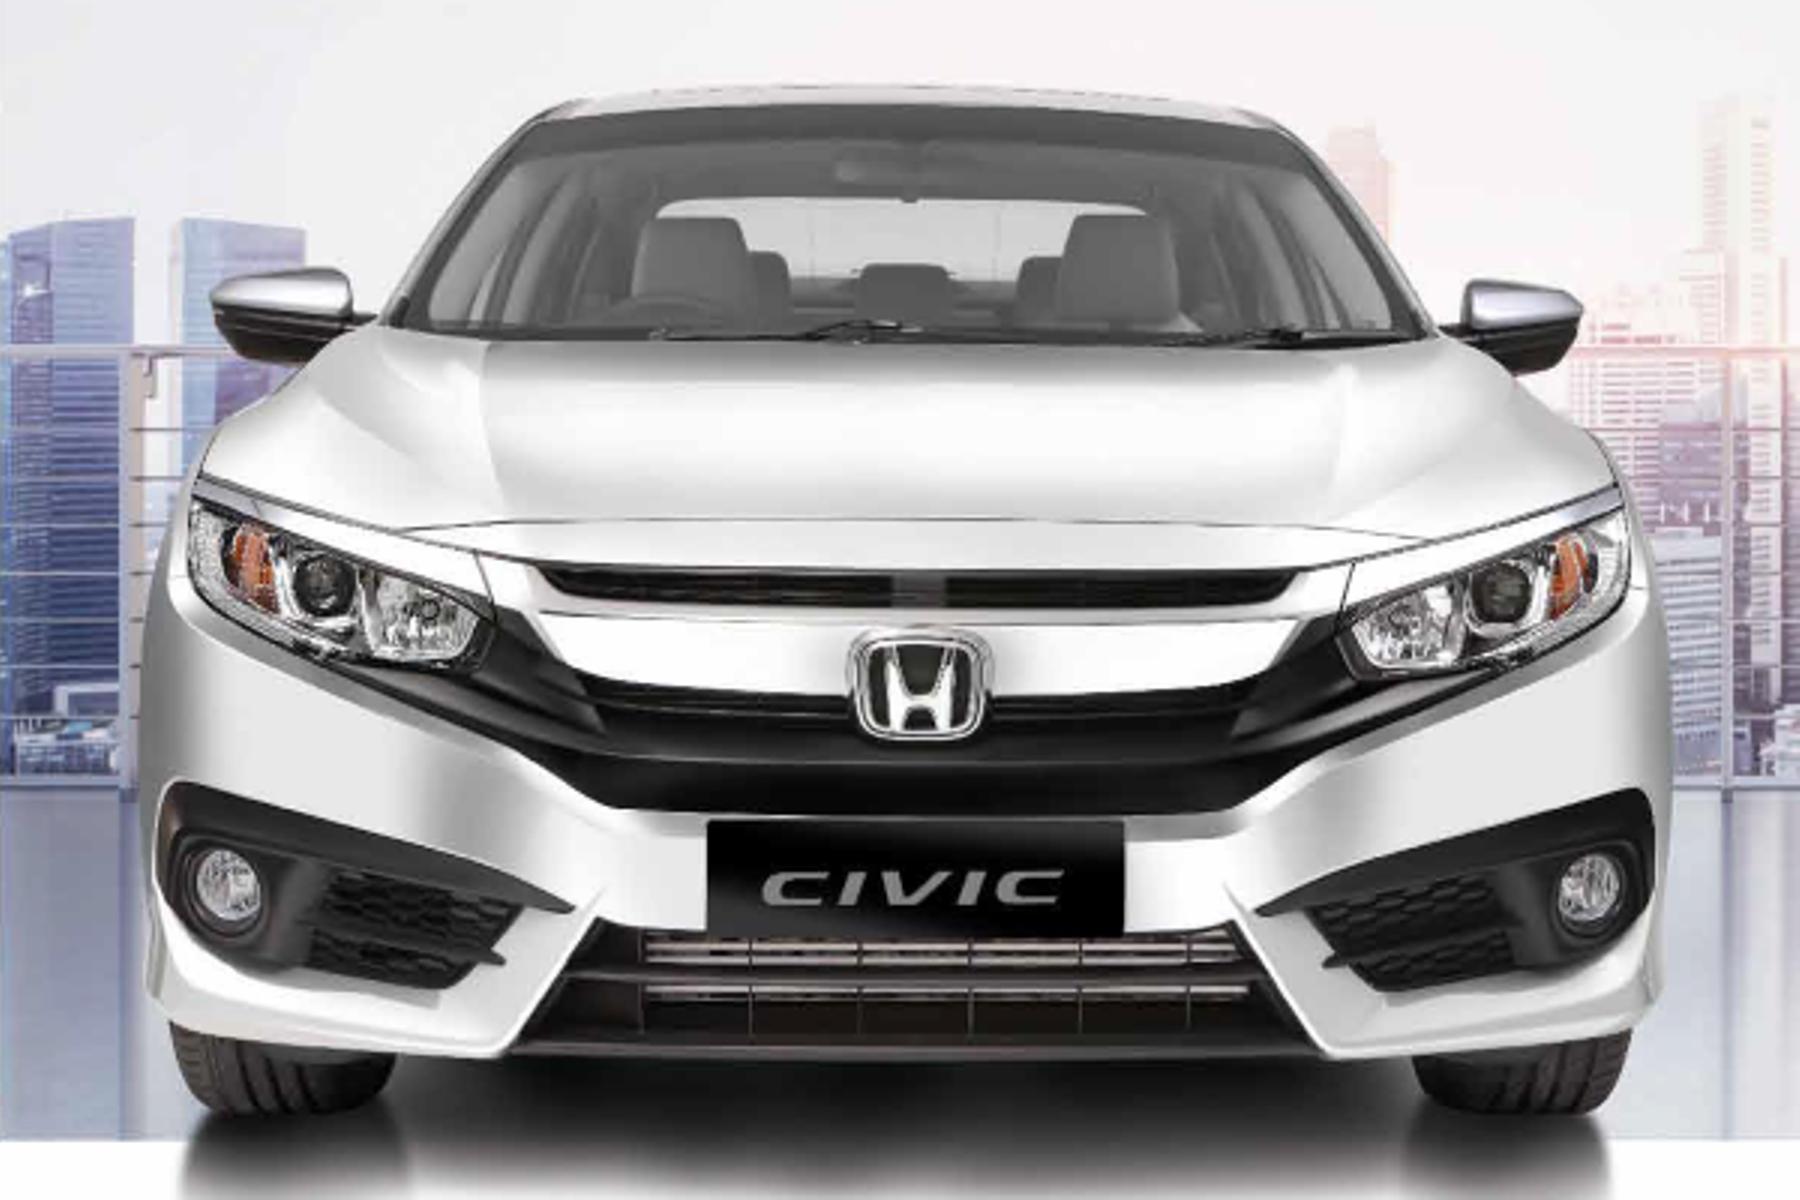 Honda Civic 2019 Honda Civic Honda Civic Car Mid Size Car